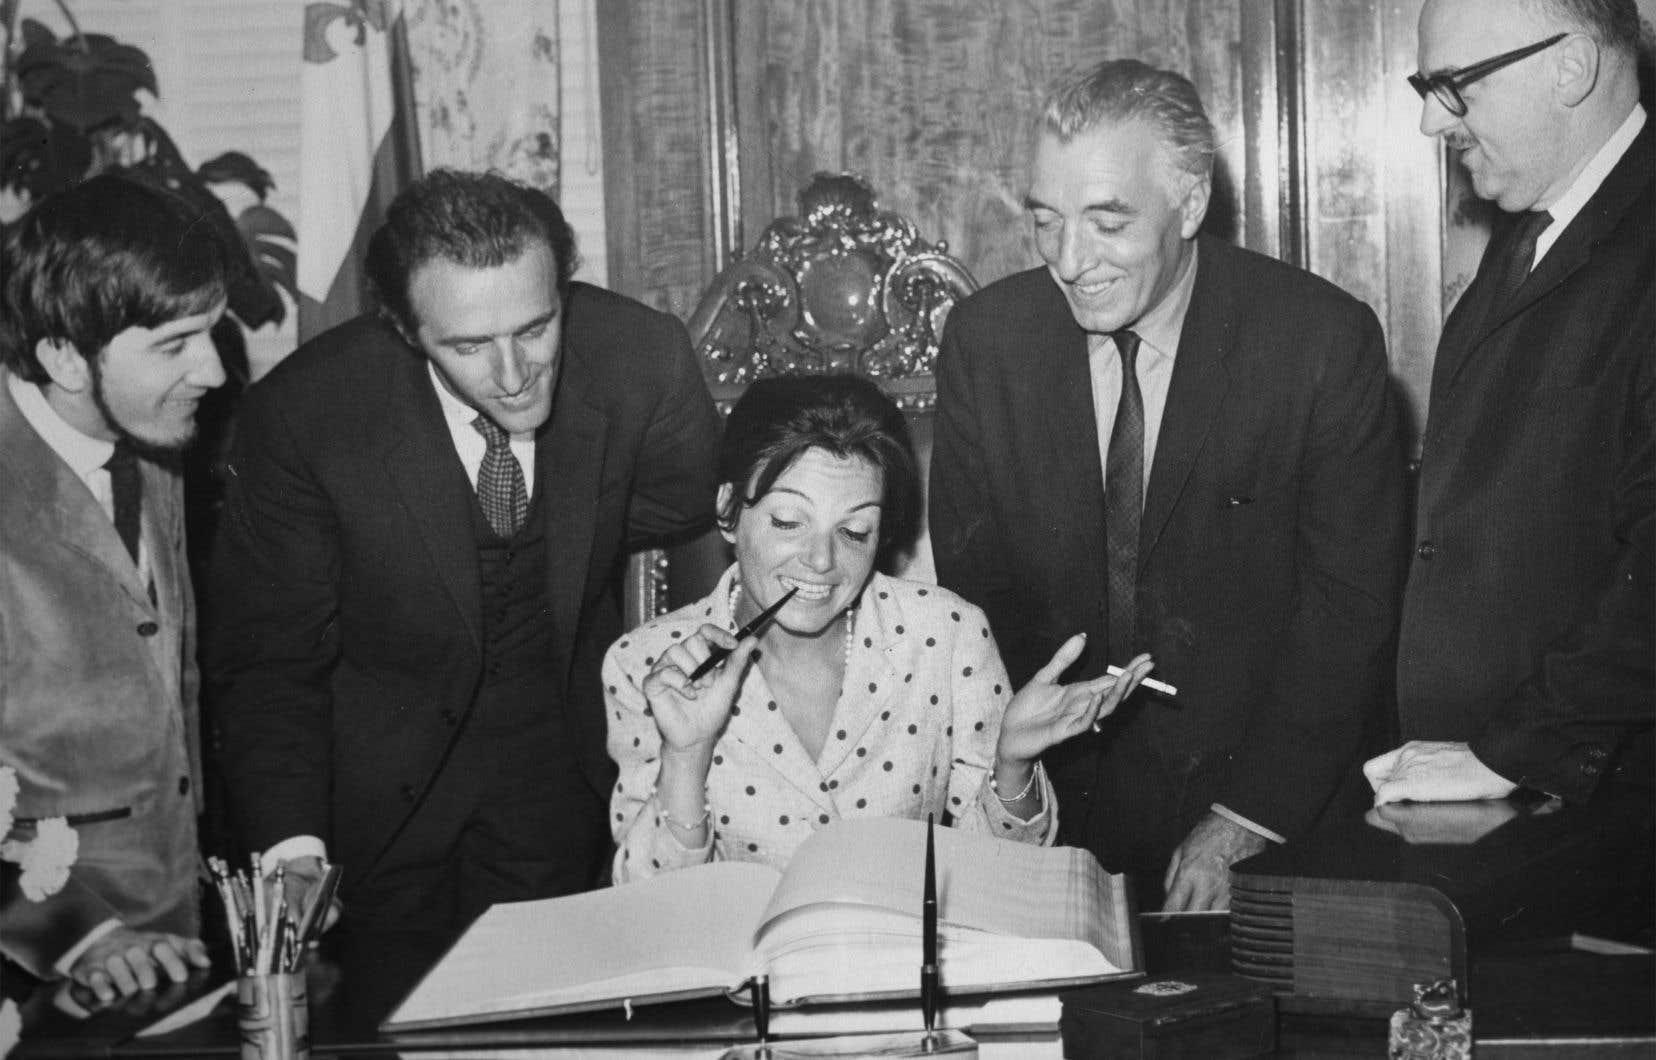 Monique Leyrac de retour de Sopot, à la mairie de Montréal, pour signer le livre d'or, entourée de Dédé Gagnon, Gilles Vigneault, le comédien Jean Dalmain son mari, et Monsieur le maire.